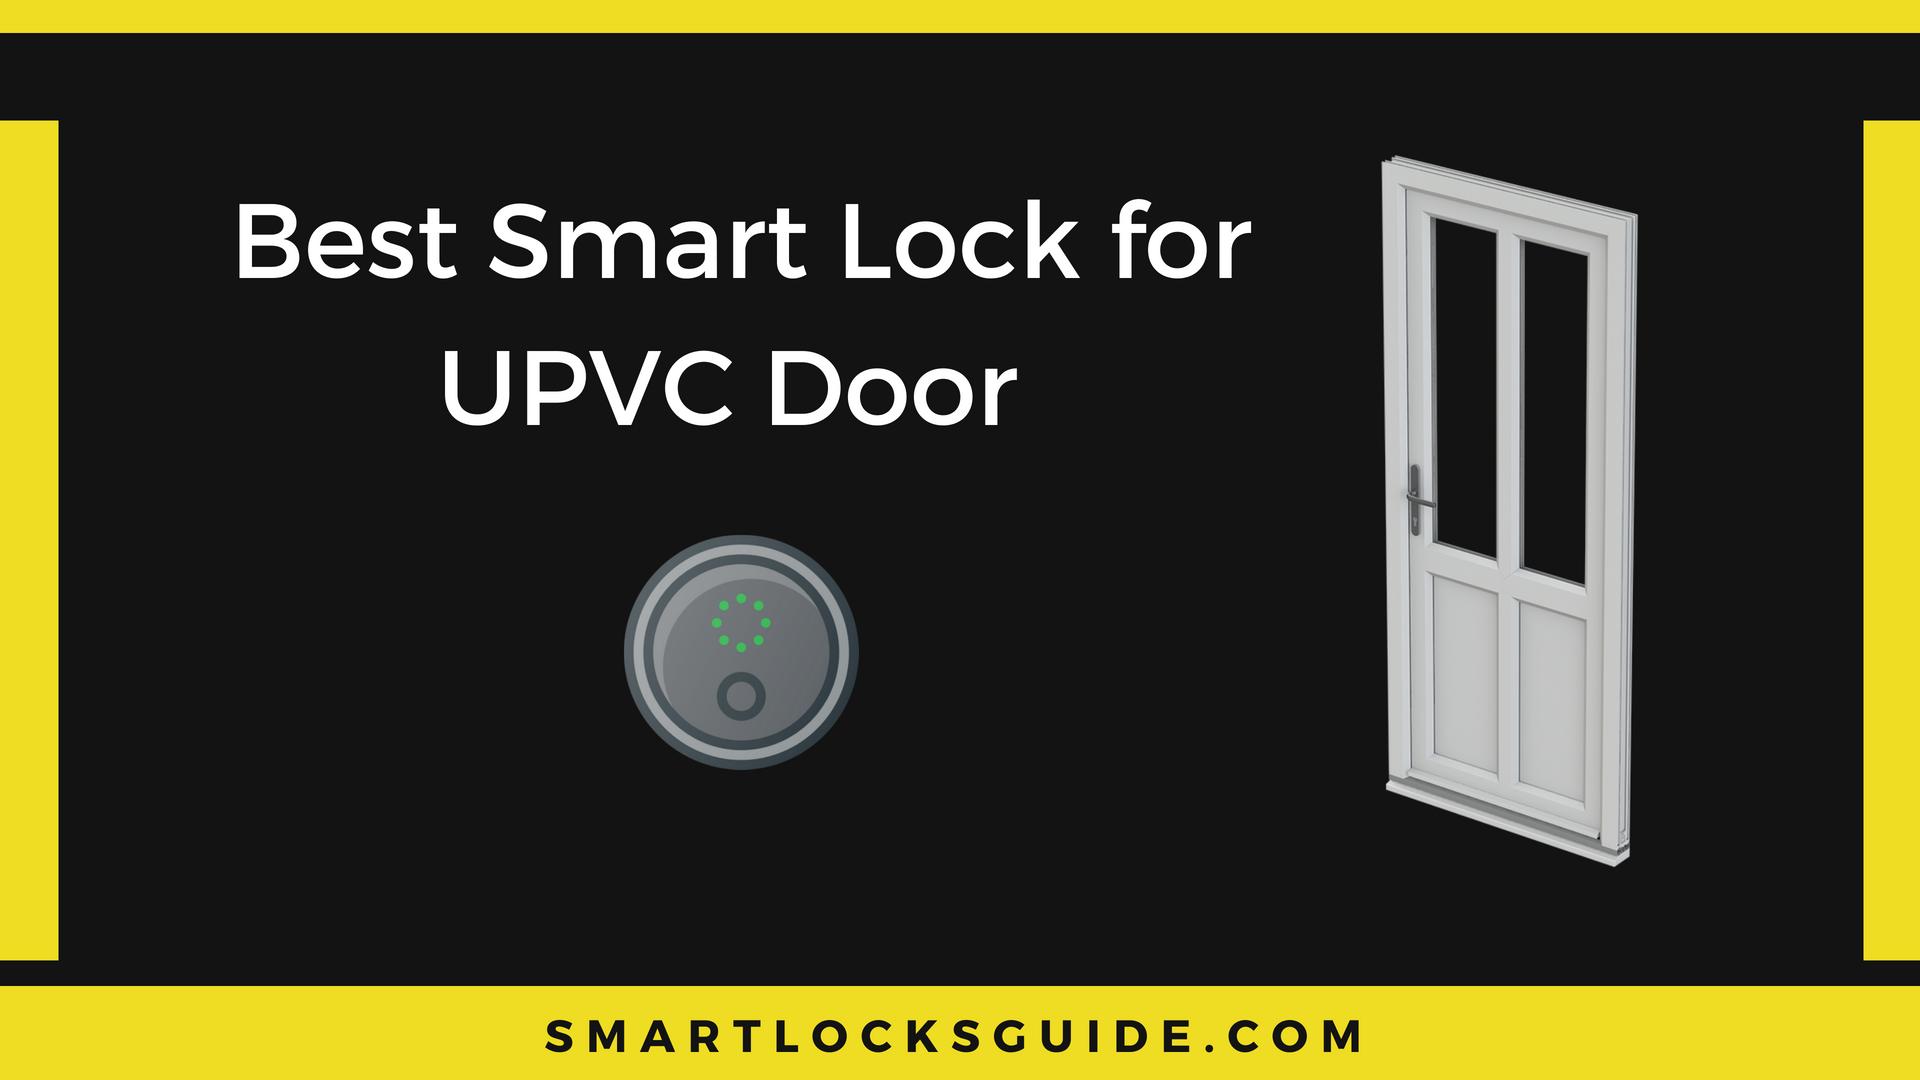 Best Smart Lock for UPVC Door